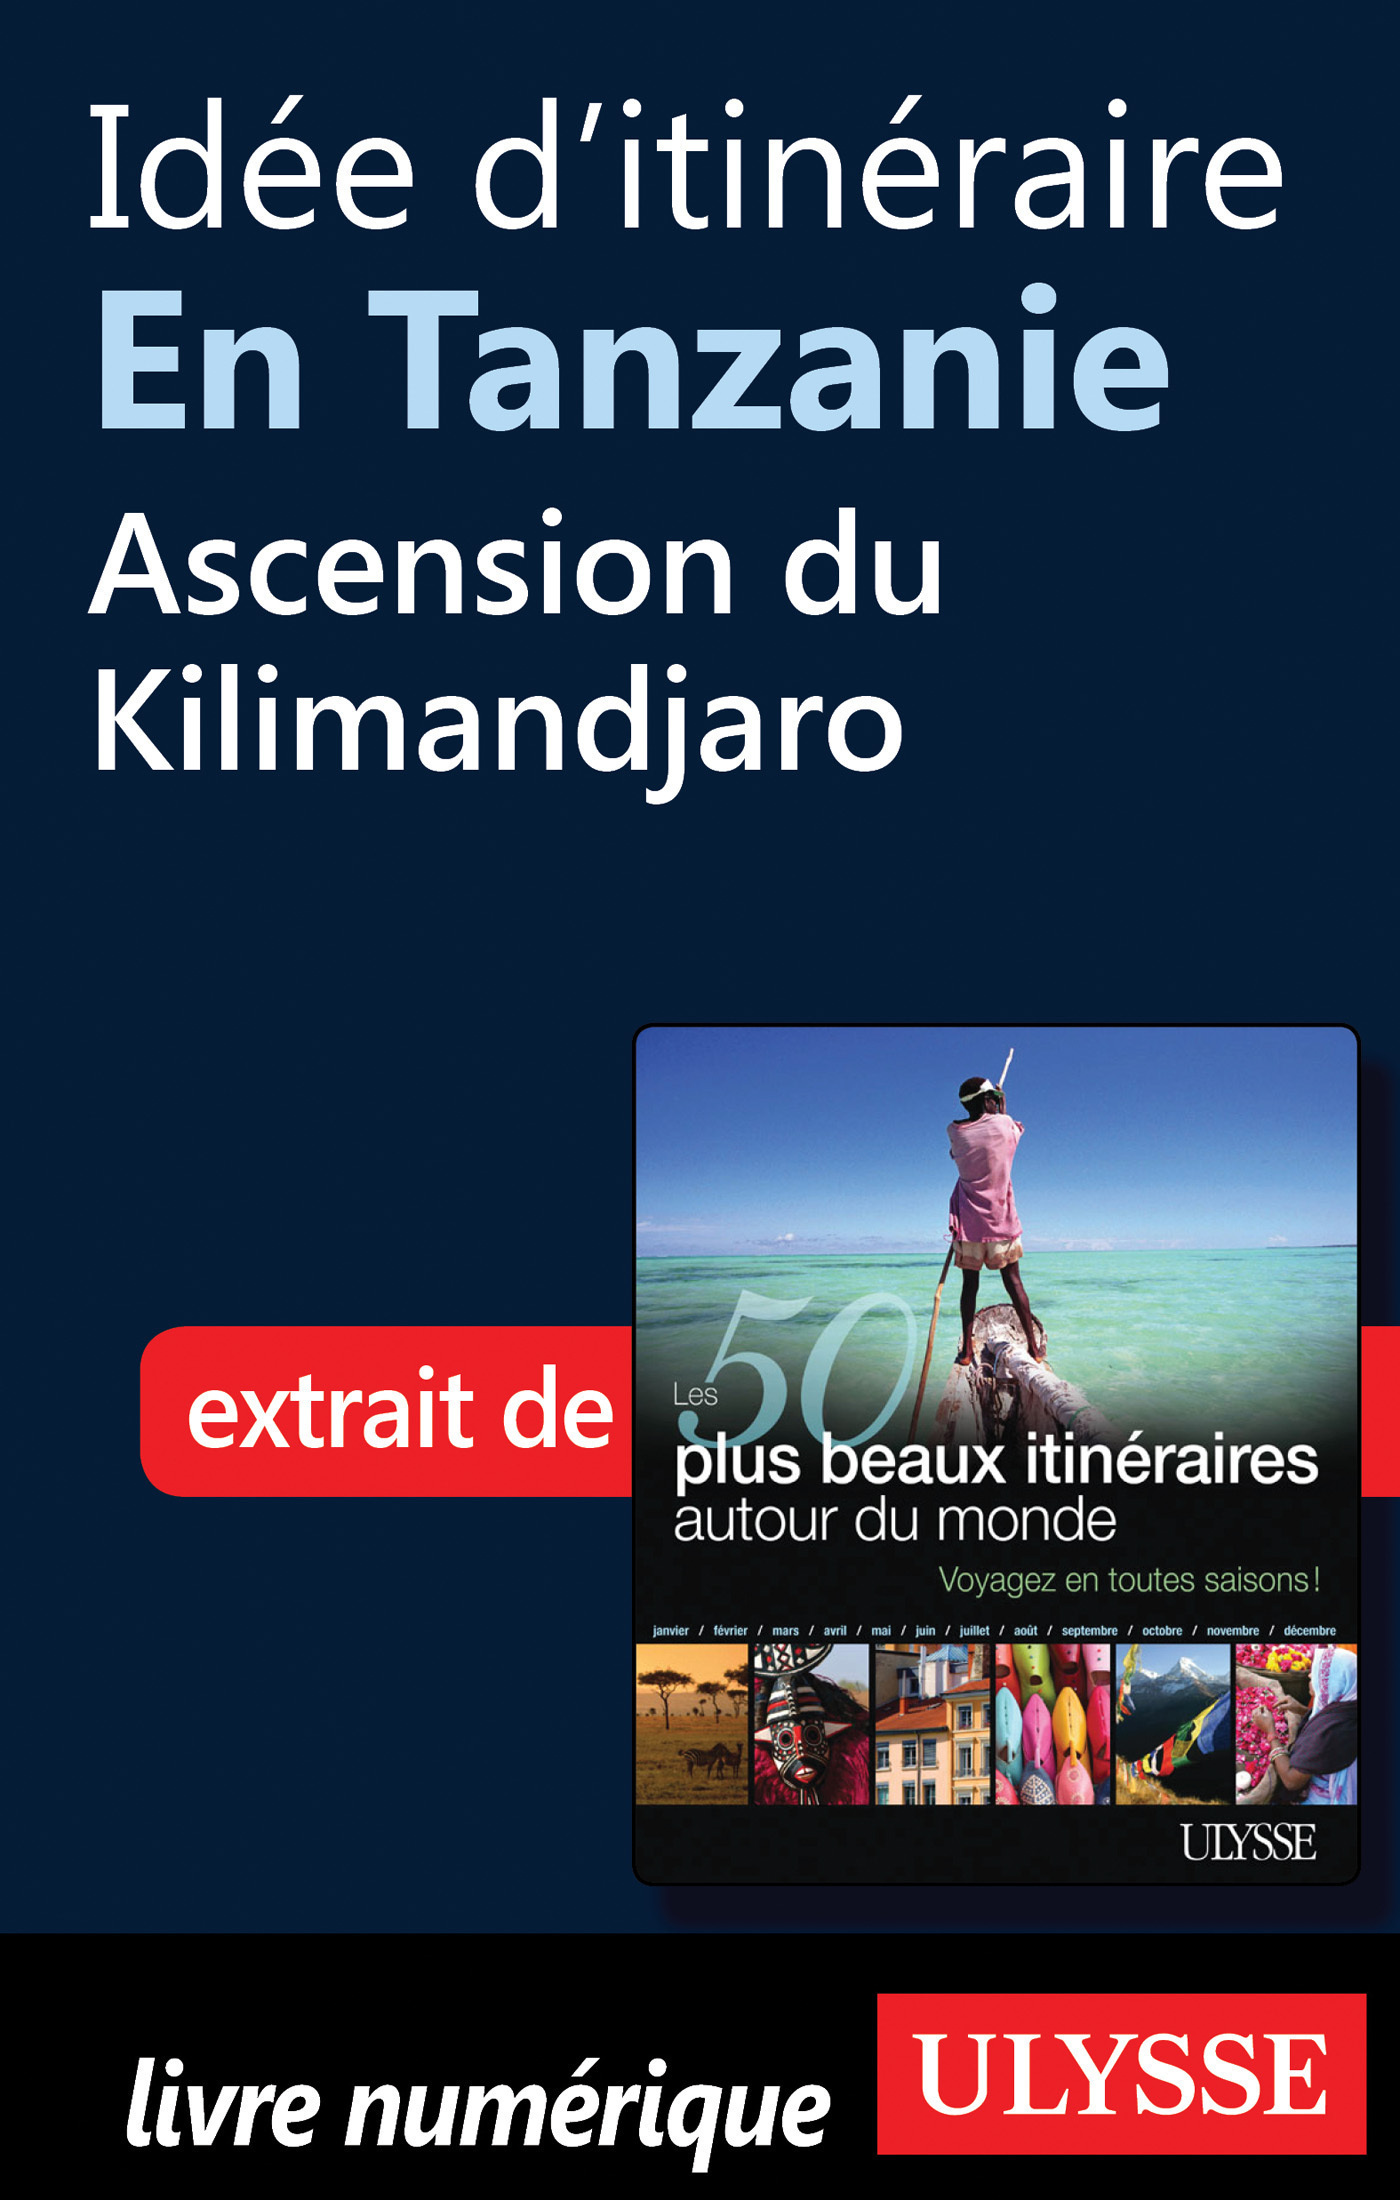 Idée d'itinéraire en Tanzanie : Ascension du Kilimandjaro